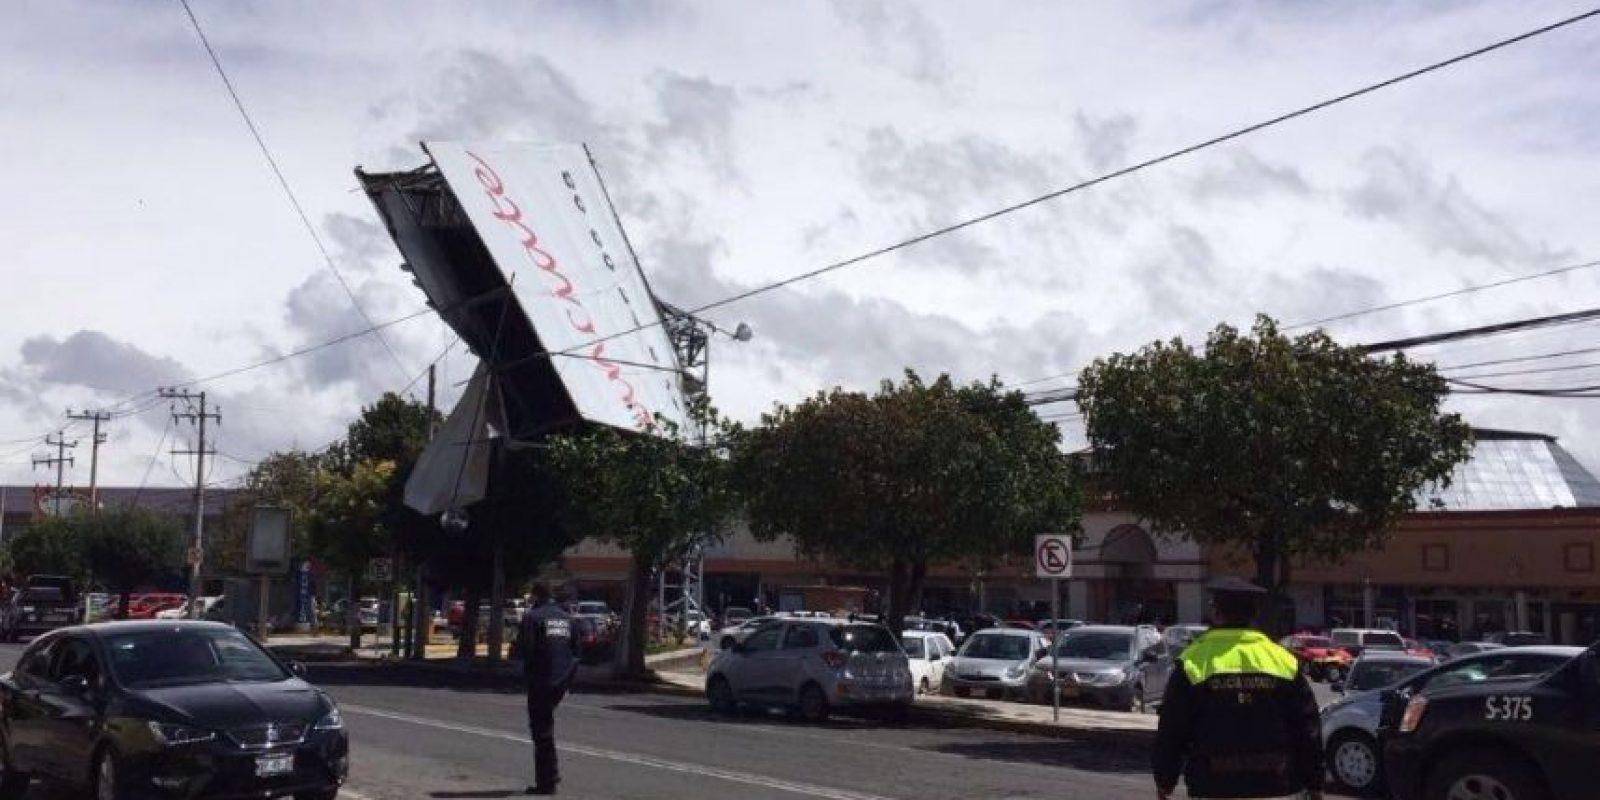 El organismo acusó que en la Ciudad de México abundan las vallas publicitarias ilegales Foto:Tu México Limpio